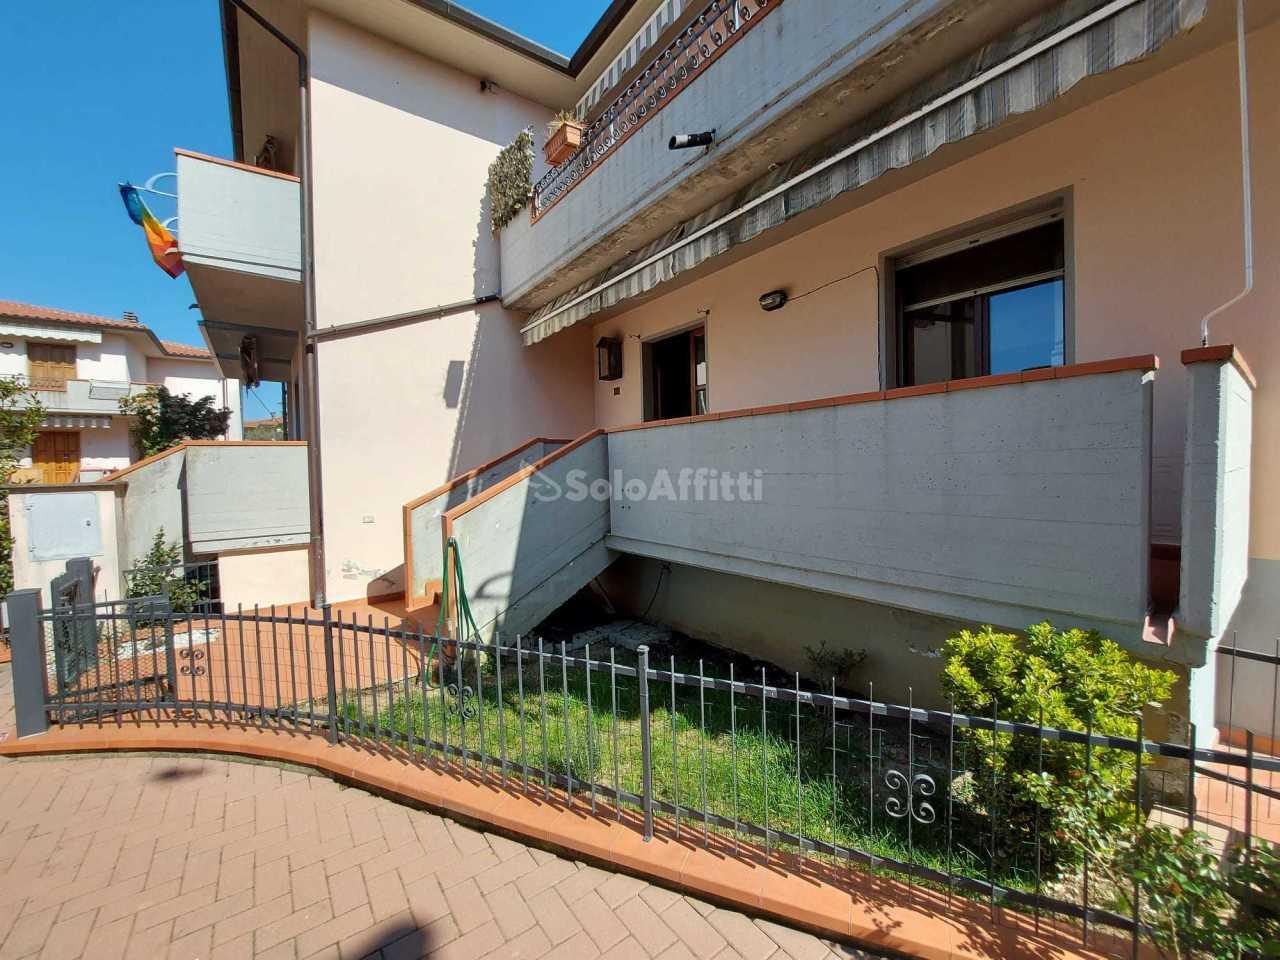 Appartamento in affitto a Cesa In Valdichiana, Marciano Della Chiana (AR)